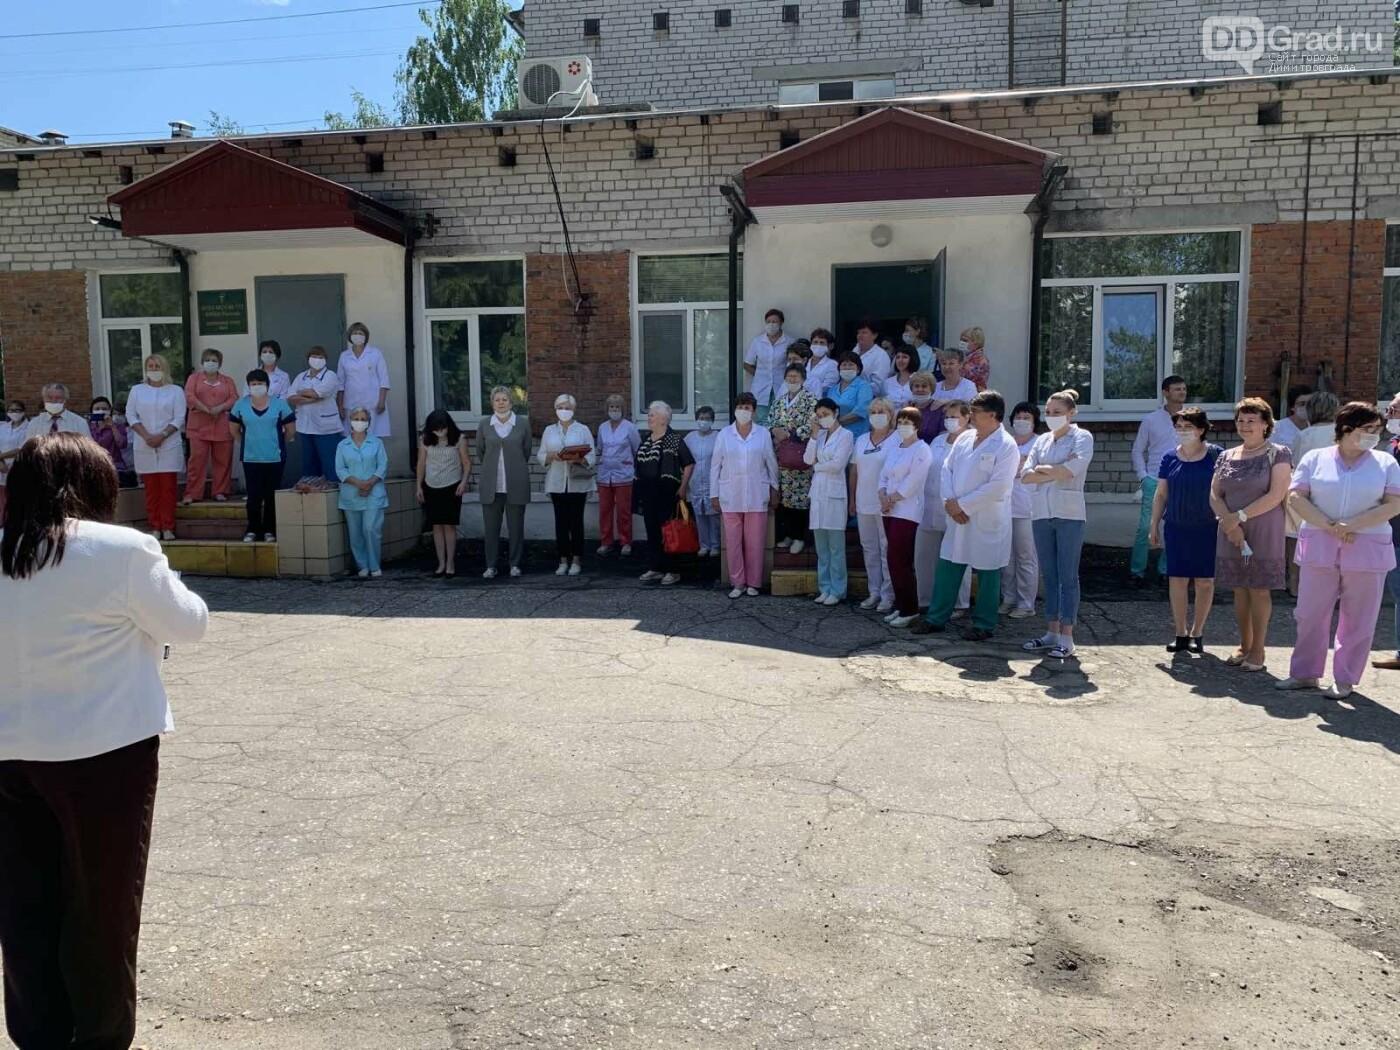 В Димитровграде поздравляли с Днем медицинского работника , фото-2